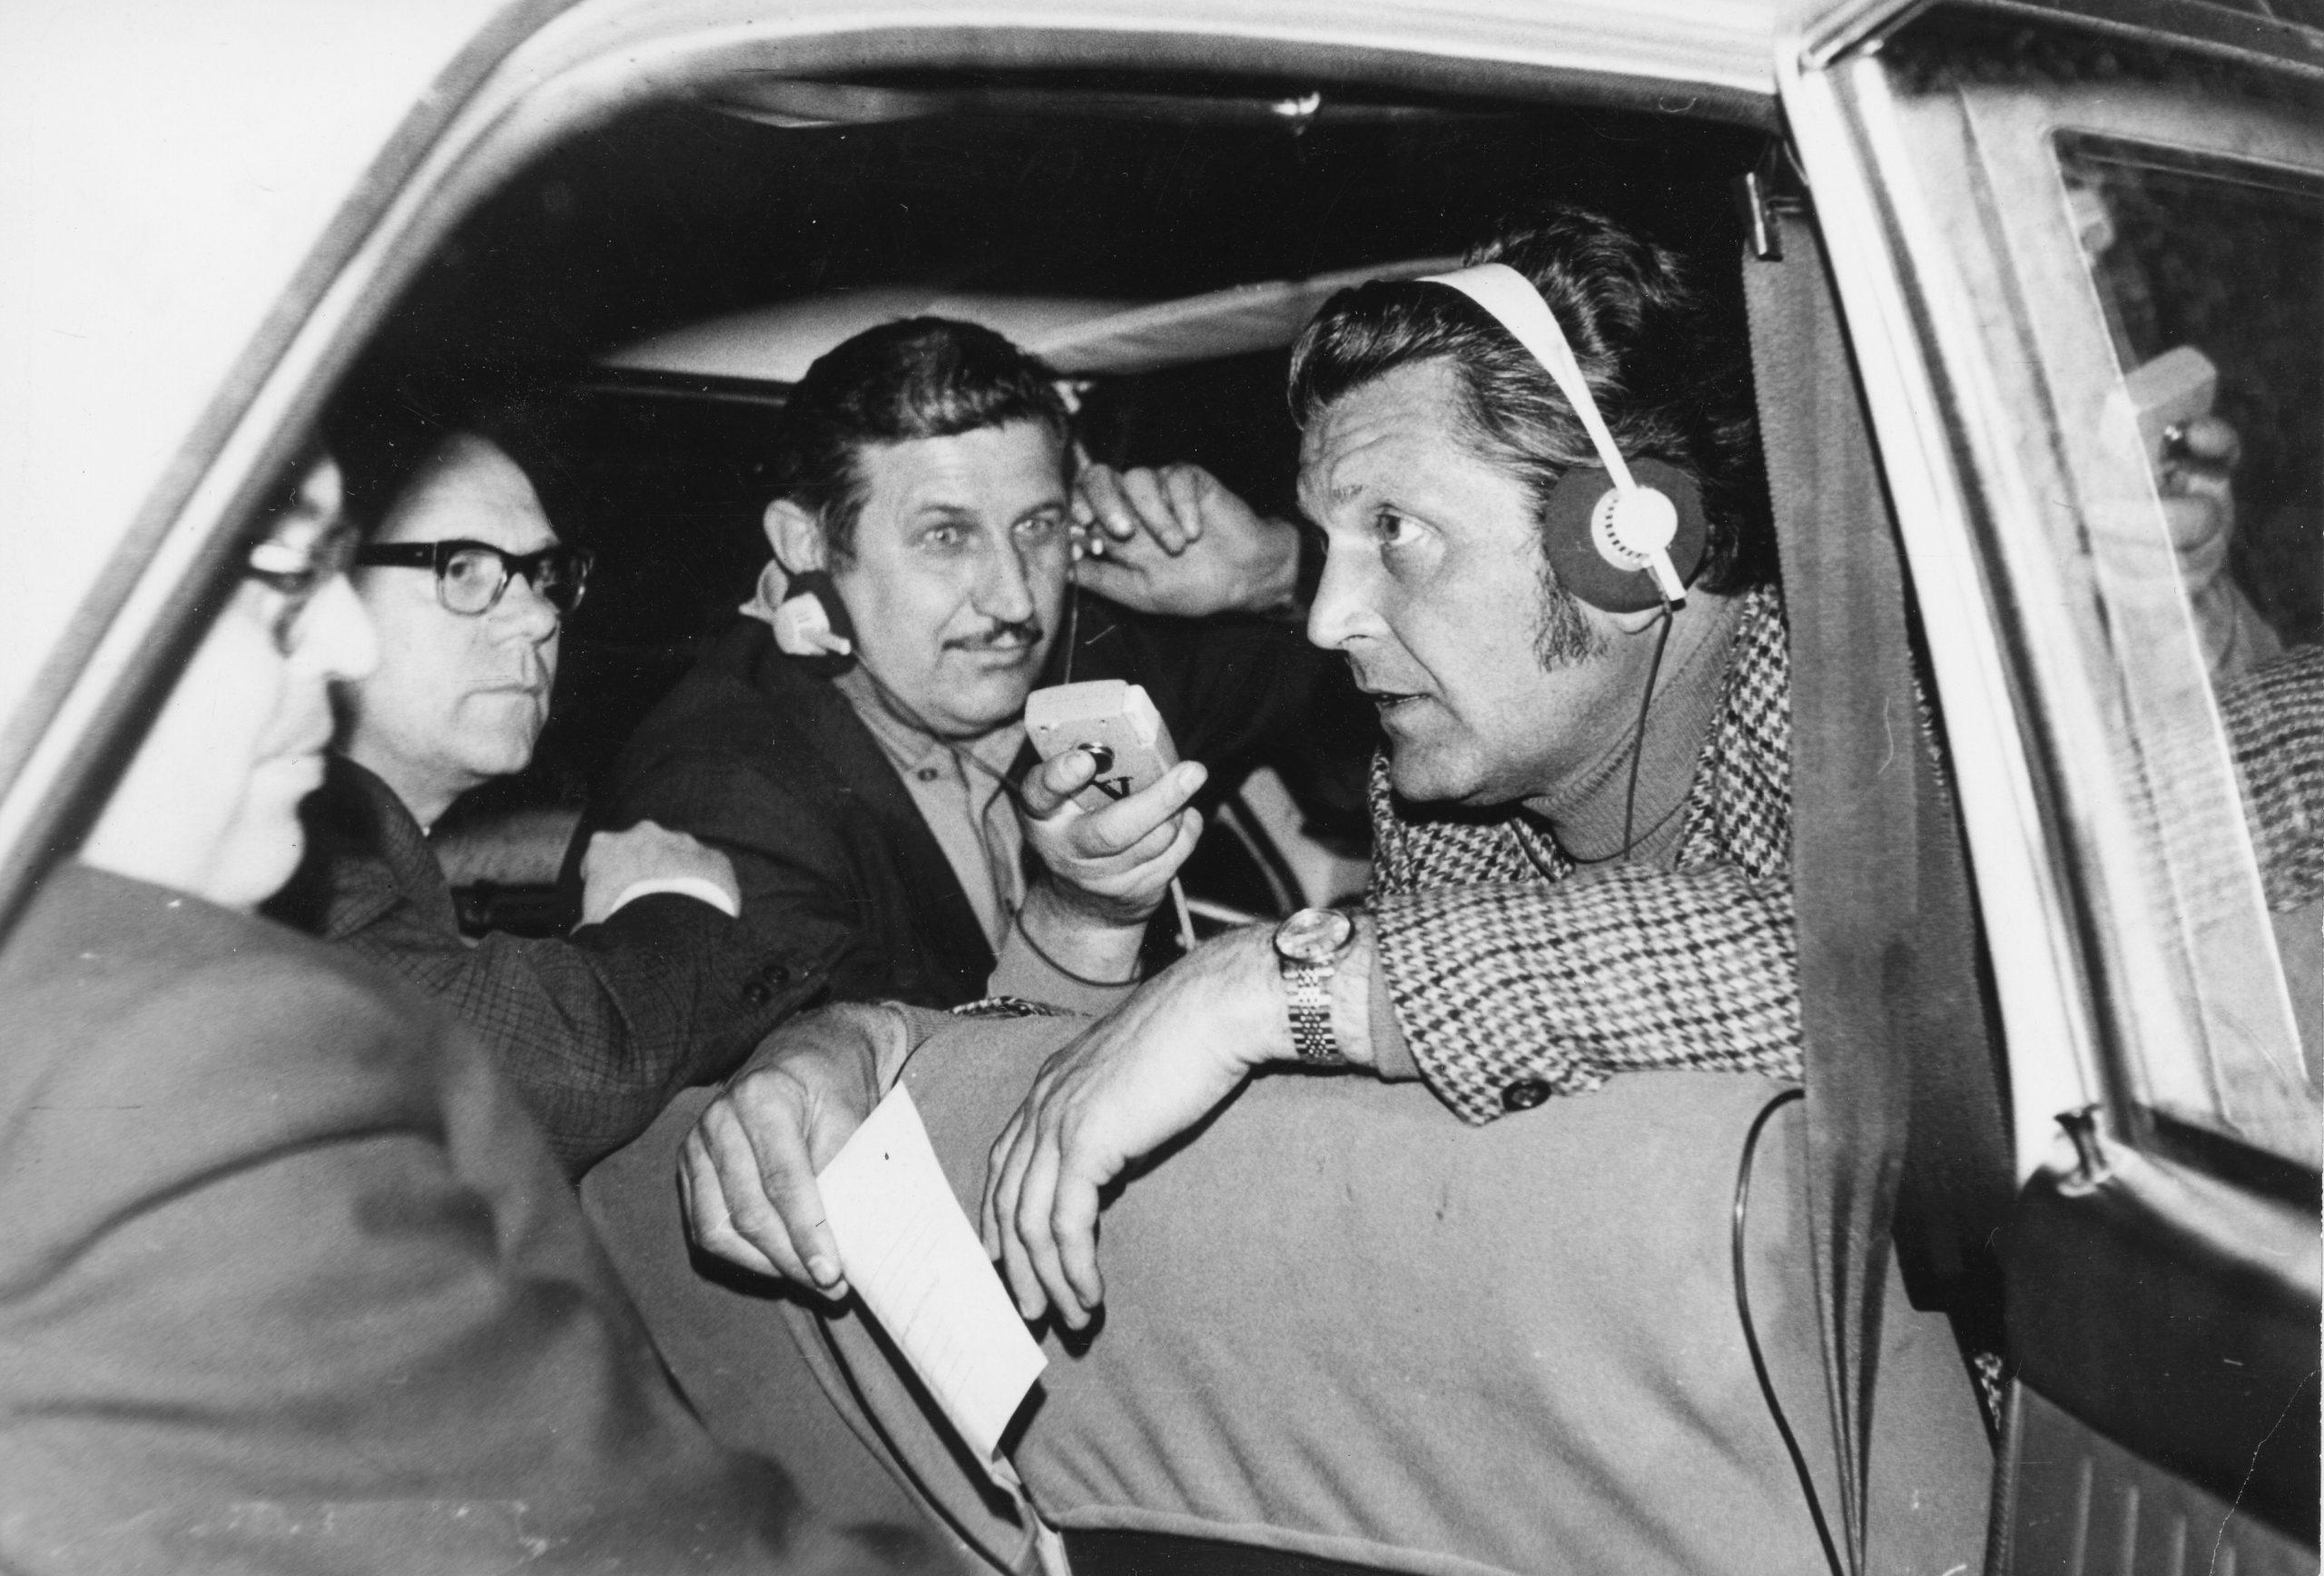 Fikár László, a Magyar Rádió riportere, 1969-ben. Forrás: Fortepan.hu/ Adományozó: RÁDIÓ ÉS TELEVÍZIÓ ÚJSÁG/LÁSZLÓ PÁL FELVÉTELE